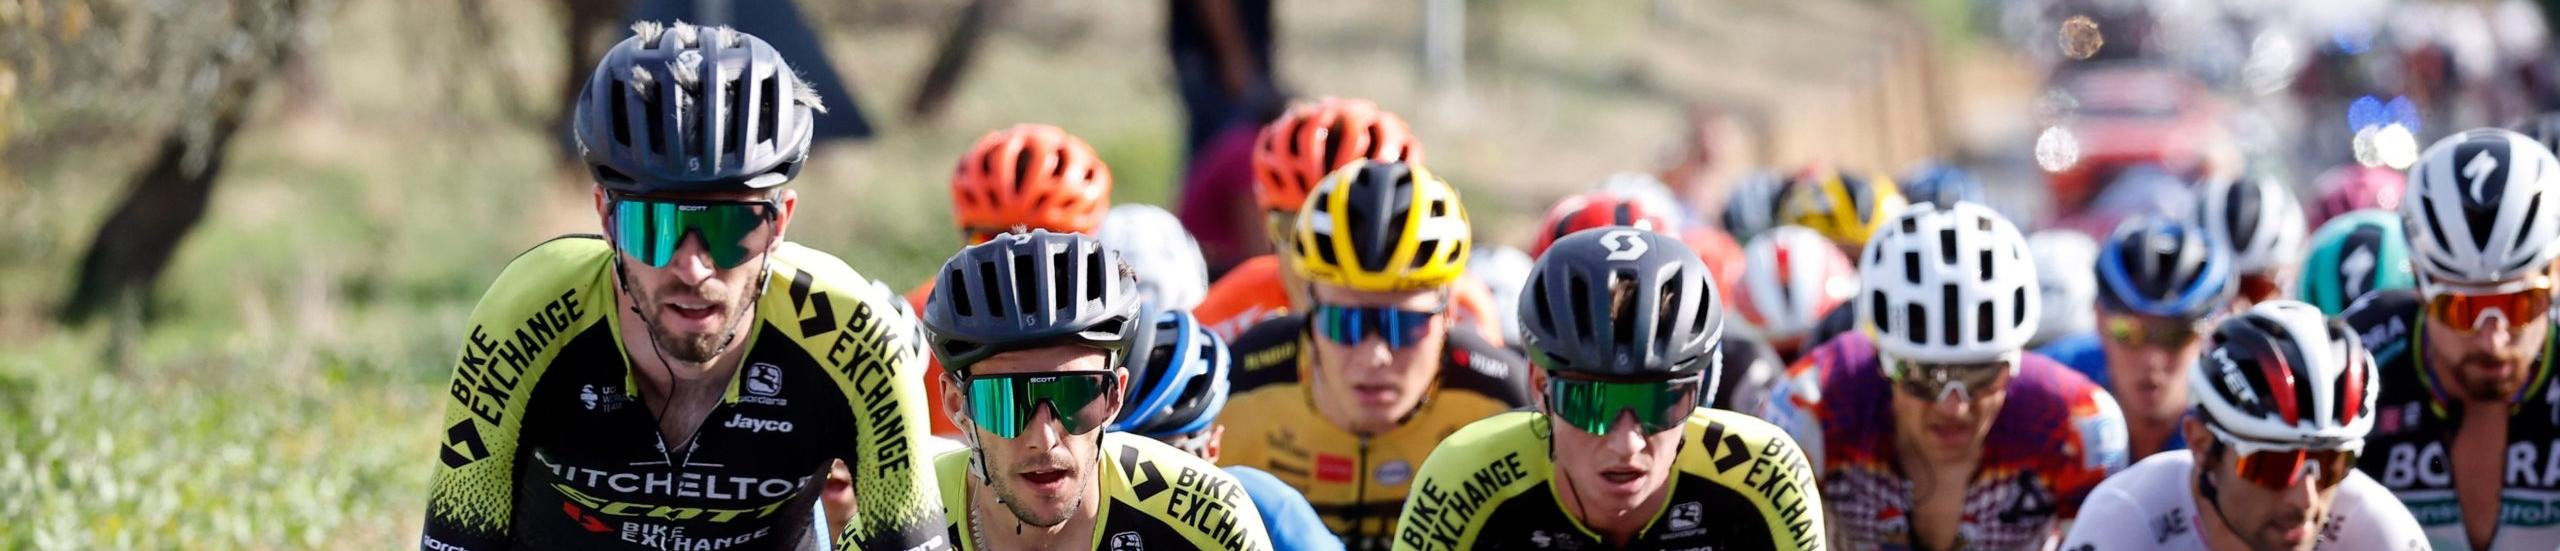 Giro d'Italia 2020, quote e favoriti per la tappa 3: primo esame per i big